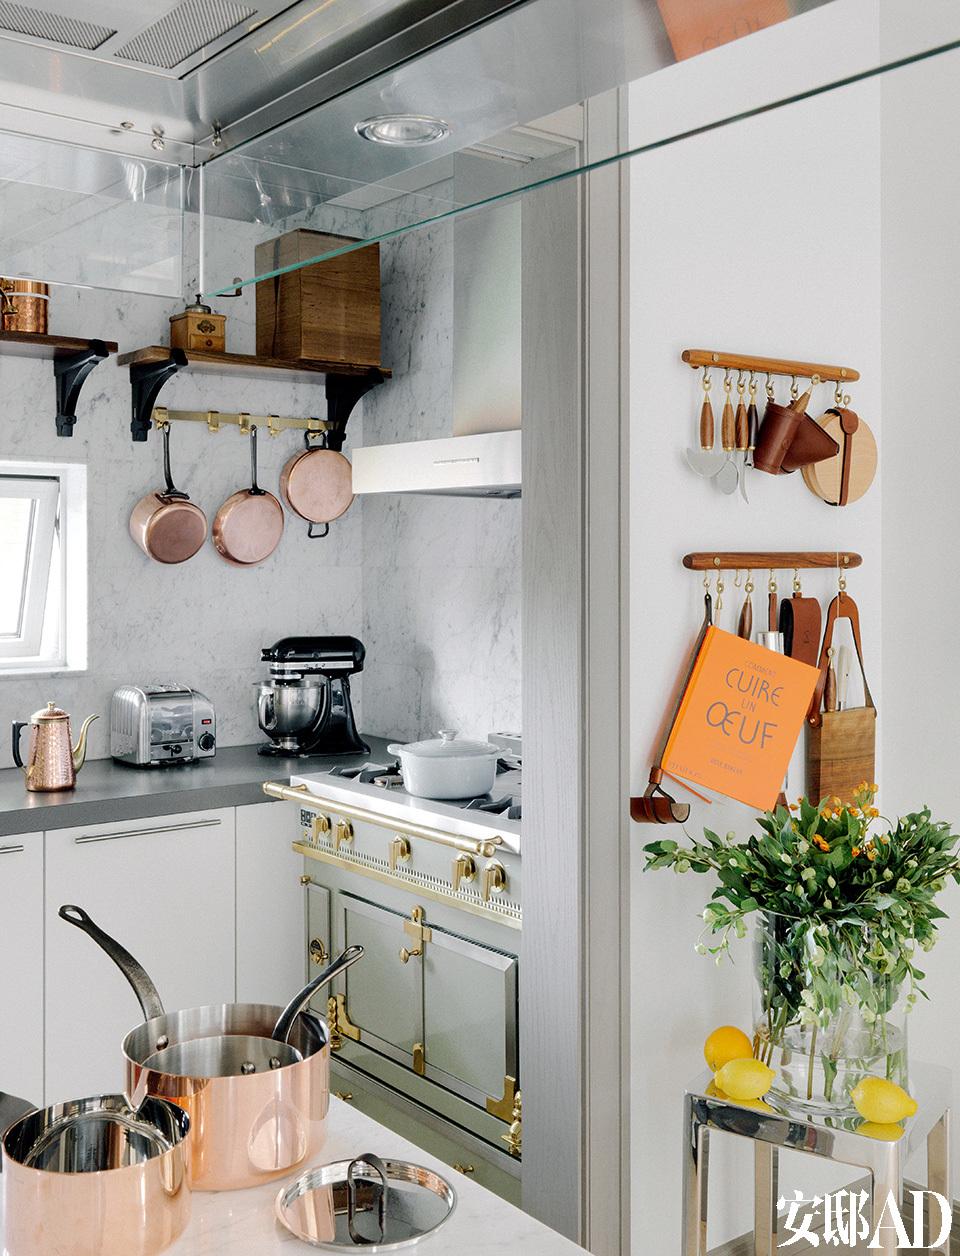 从巴黎运回来的一套纯铜La Cornue Chateau欧式炉灶,烤箱里没有任何现代的电子原件,全靠经验决定烘焙的时间和火候,使得每一次下厨都是有趣的冒险。侧面墙上挂着一整套精美的各式厨具,圆润的镶铜木柄配上手工缝制的棕色皮套,光是摆在那儿看着都赏心悦目。